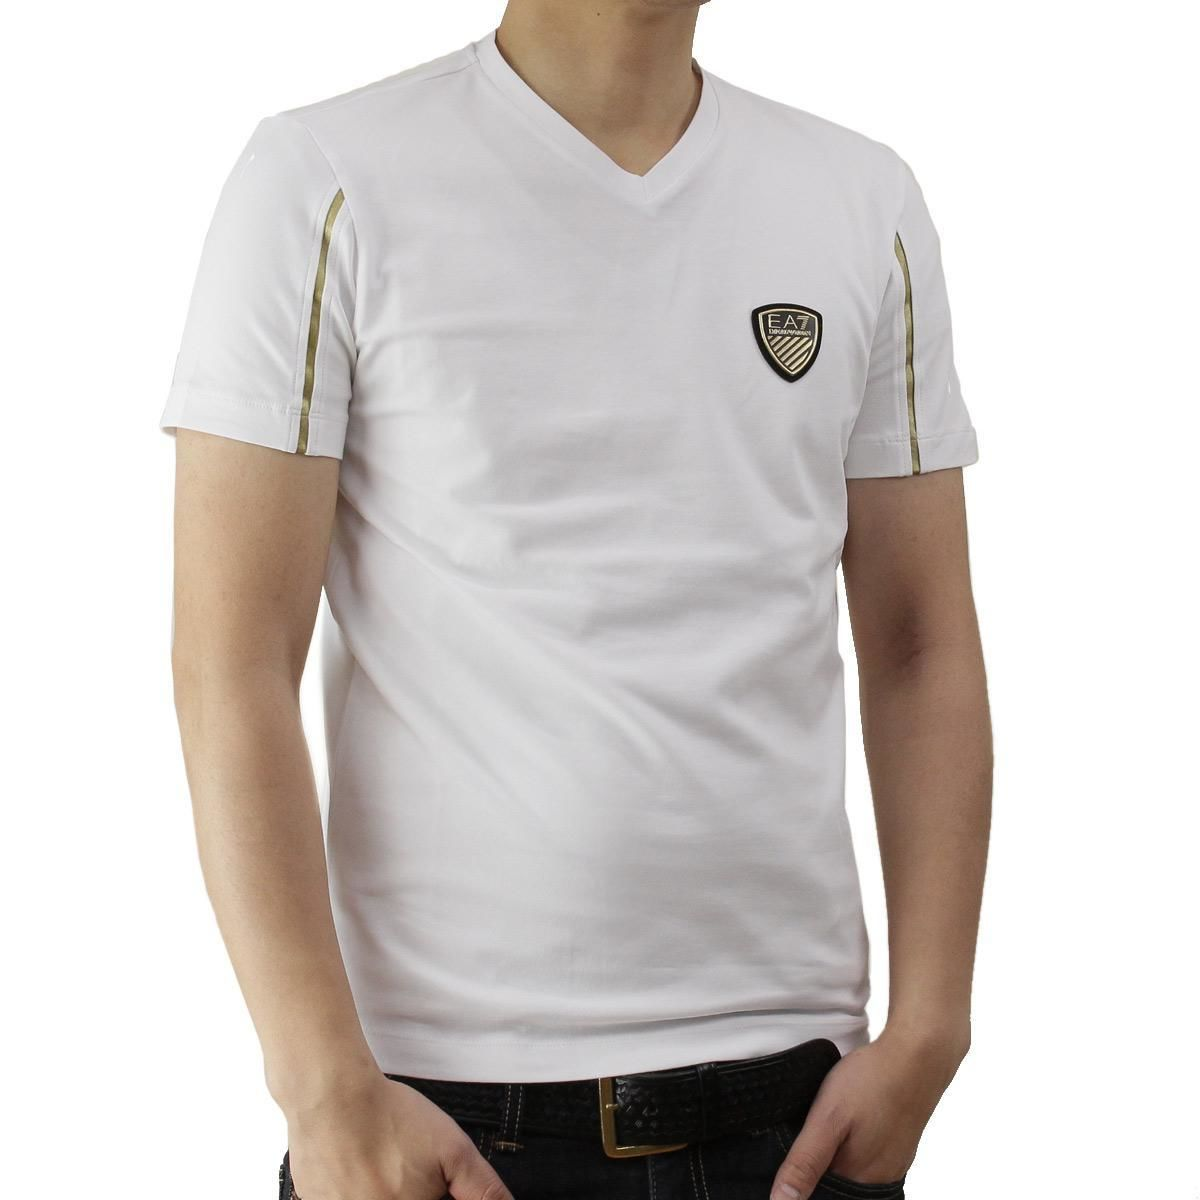 イーエーセブン (EA7) メンズTシャツ273887 6P206 00010WHITE ホワイト系サイズ(#L)